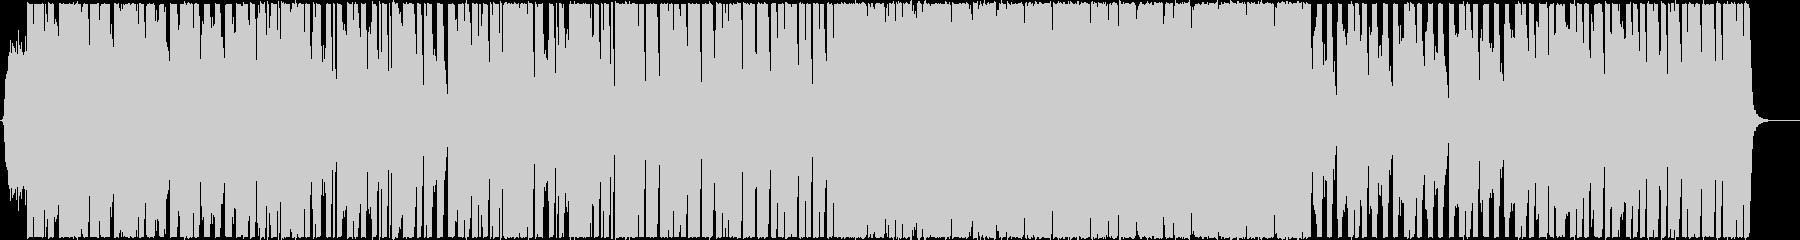 和風な三味線のかっこいいBGMの未再生の波形